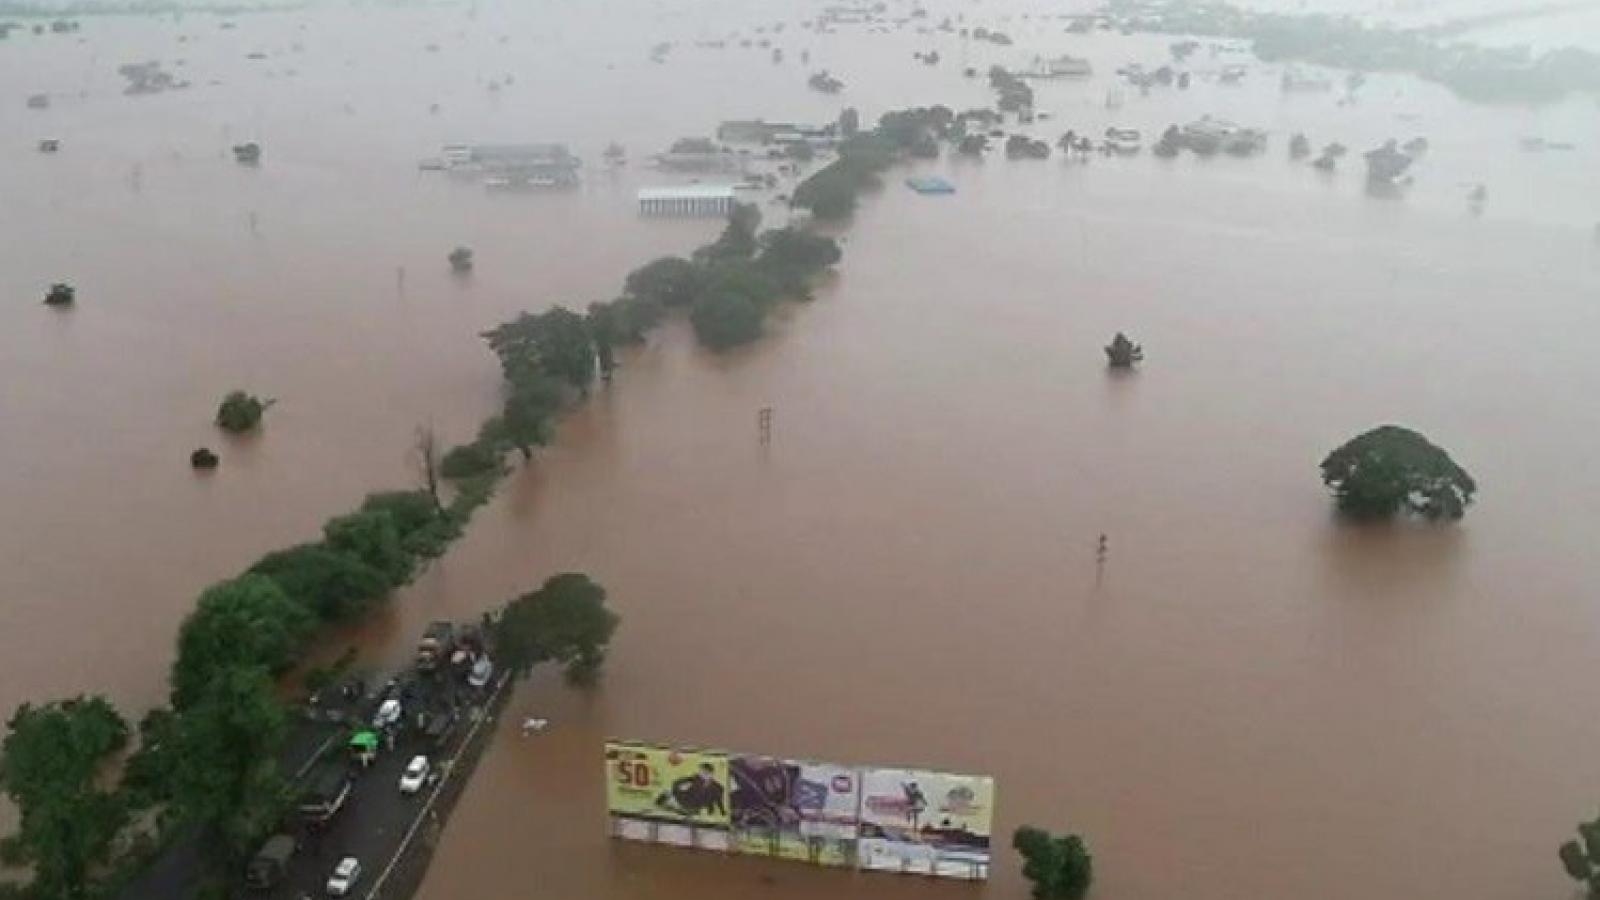 Lũ lụt Ấn Độ, Nepal: Gần 200 người chết, hàng triệu người bị ảnh hưởng